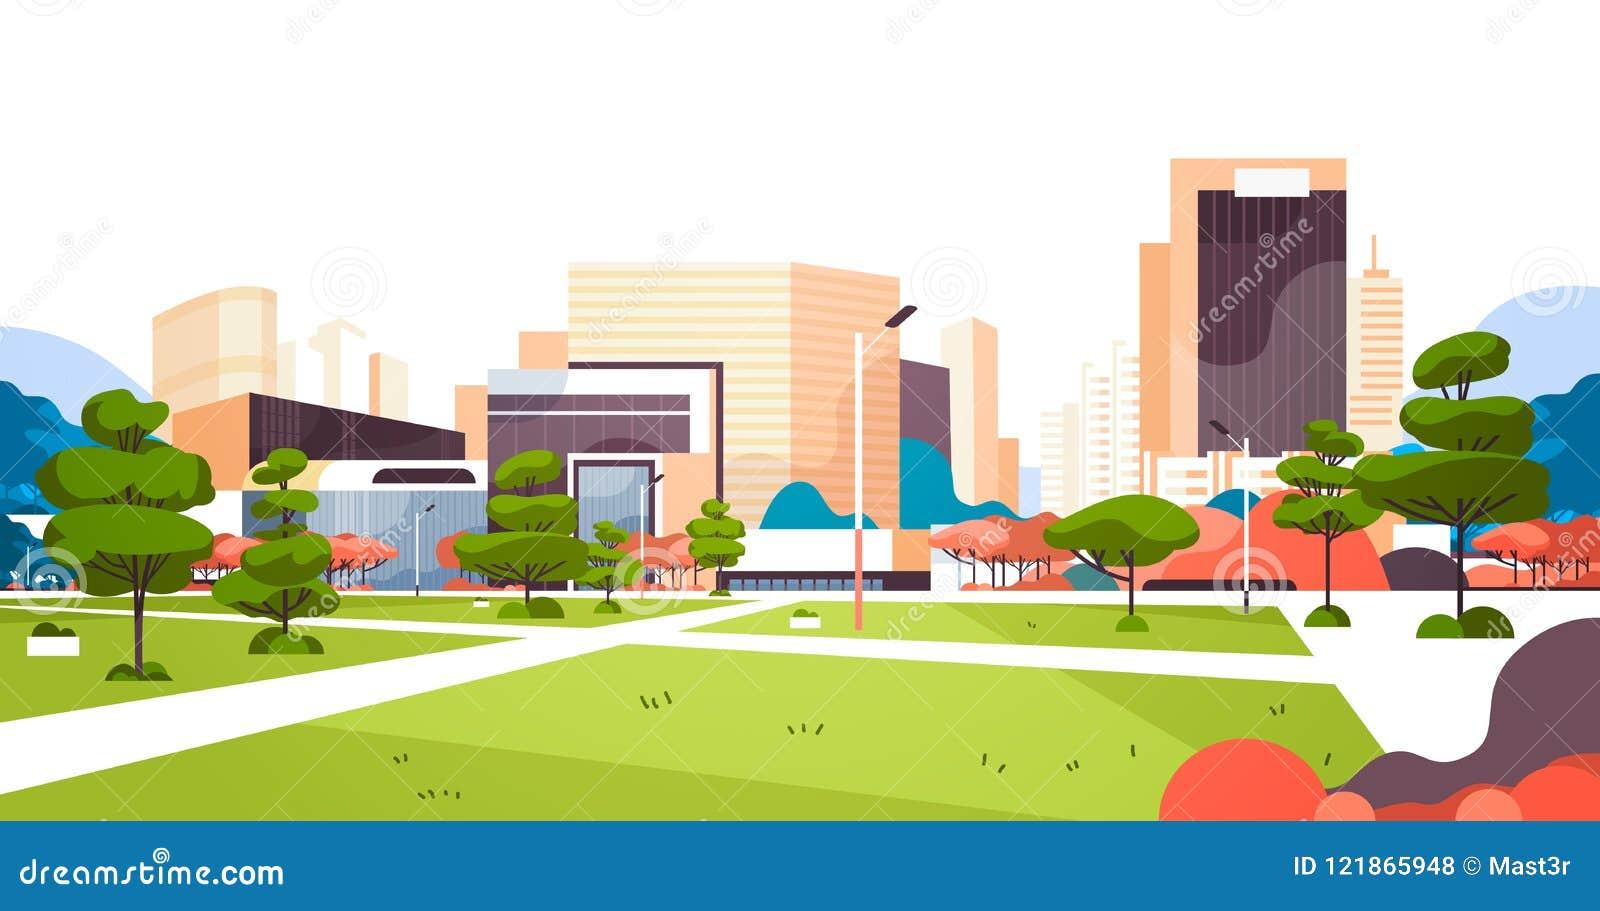 De stedelijke de wolkenkrabbergebouwen van het stadspark bekijken moderne de stad in vlak horizontaal cityscape